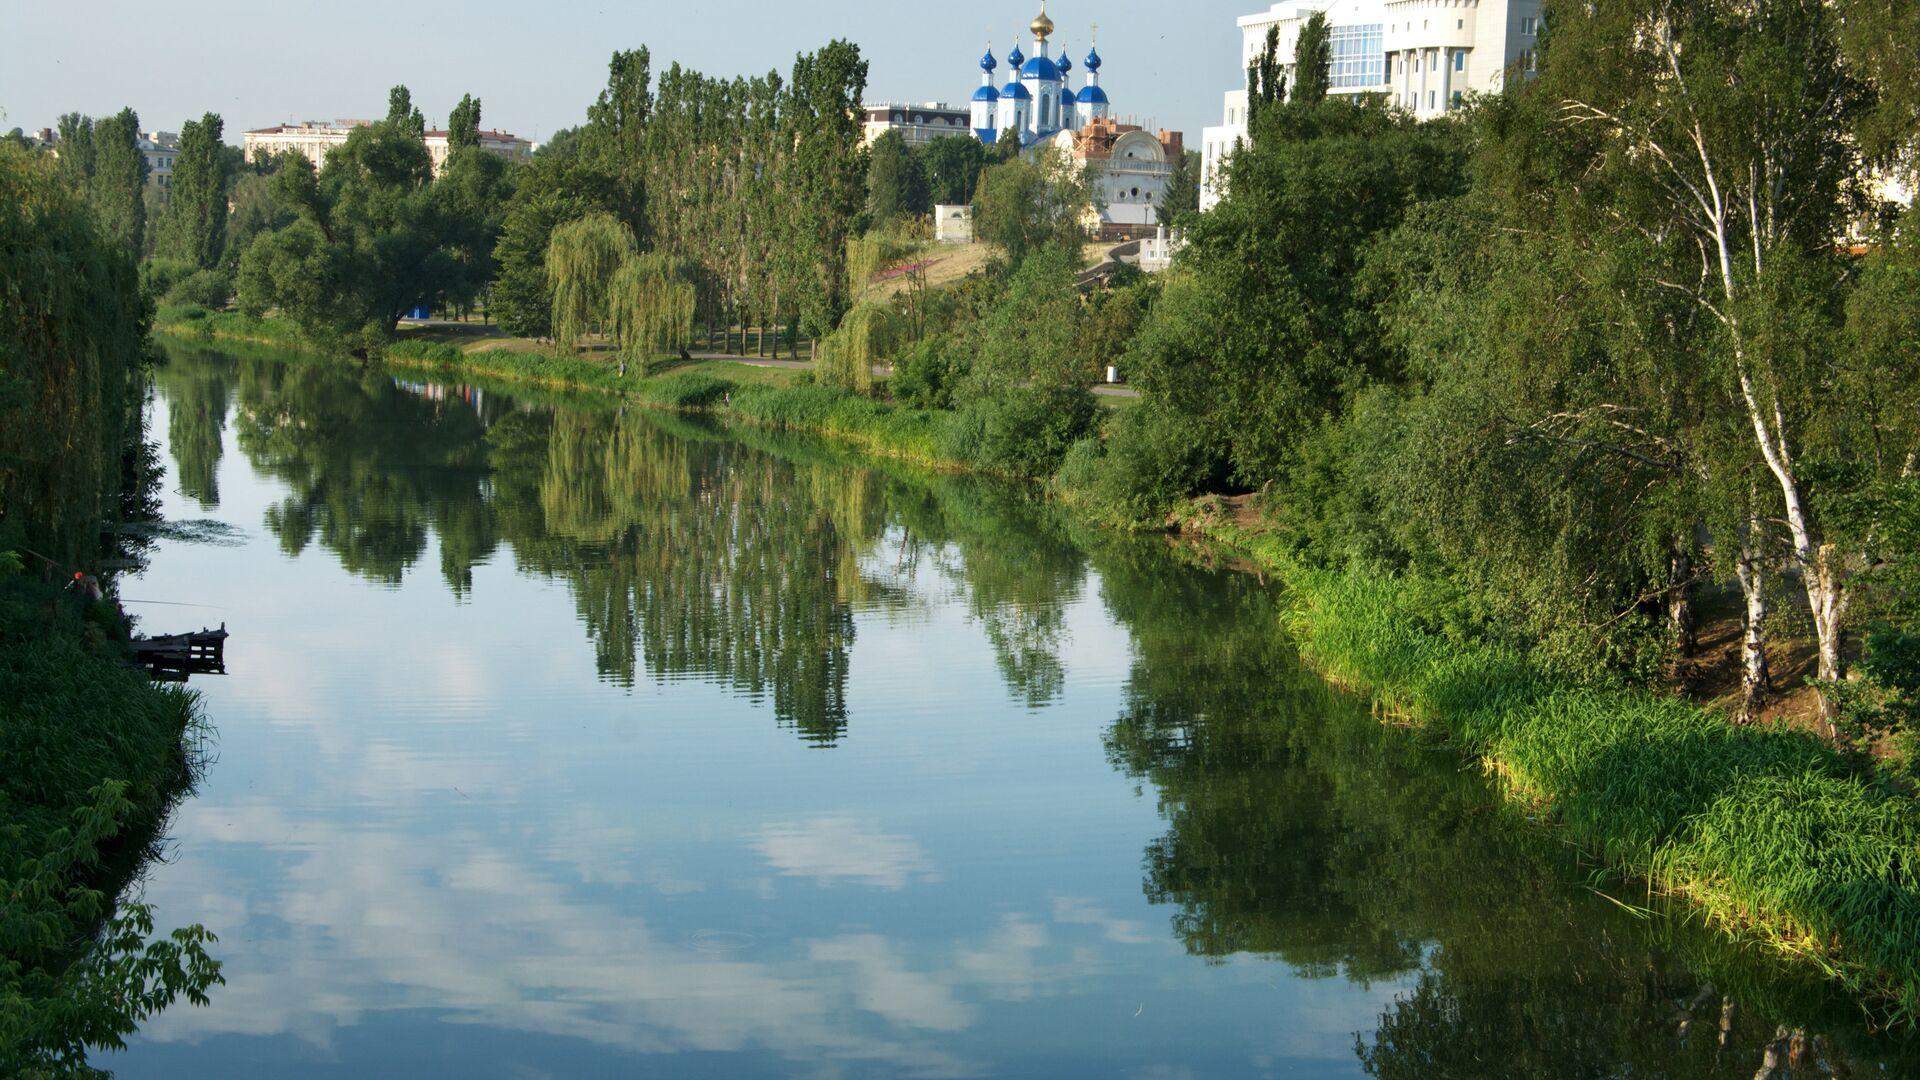 Река Цна в городе Тамбов - РИА Новости, 1920, 21.05.2021